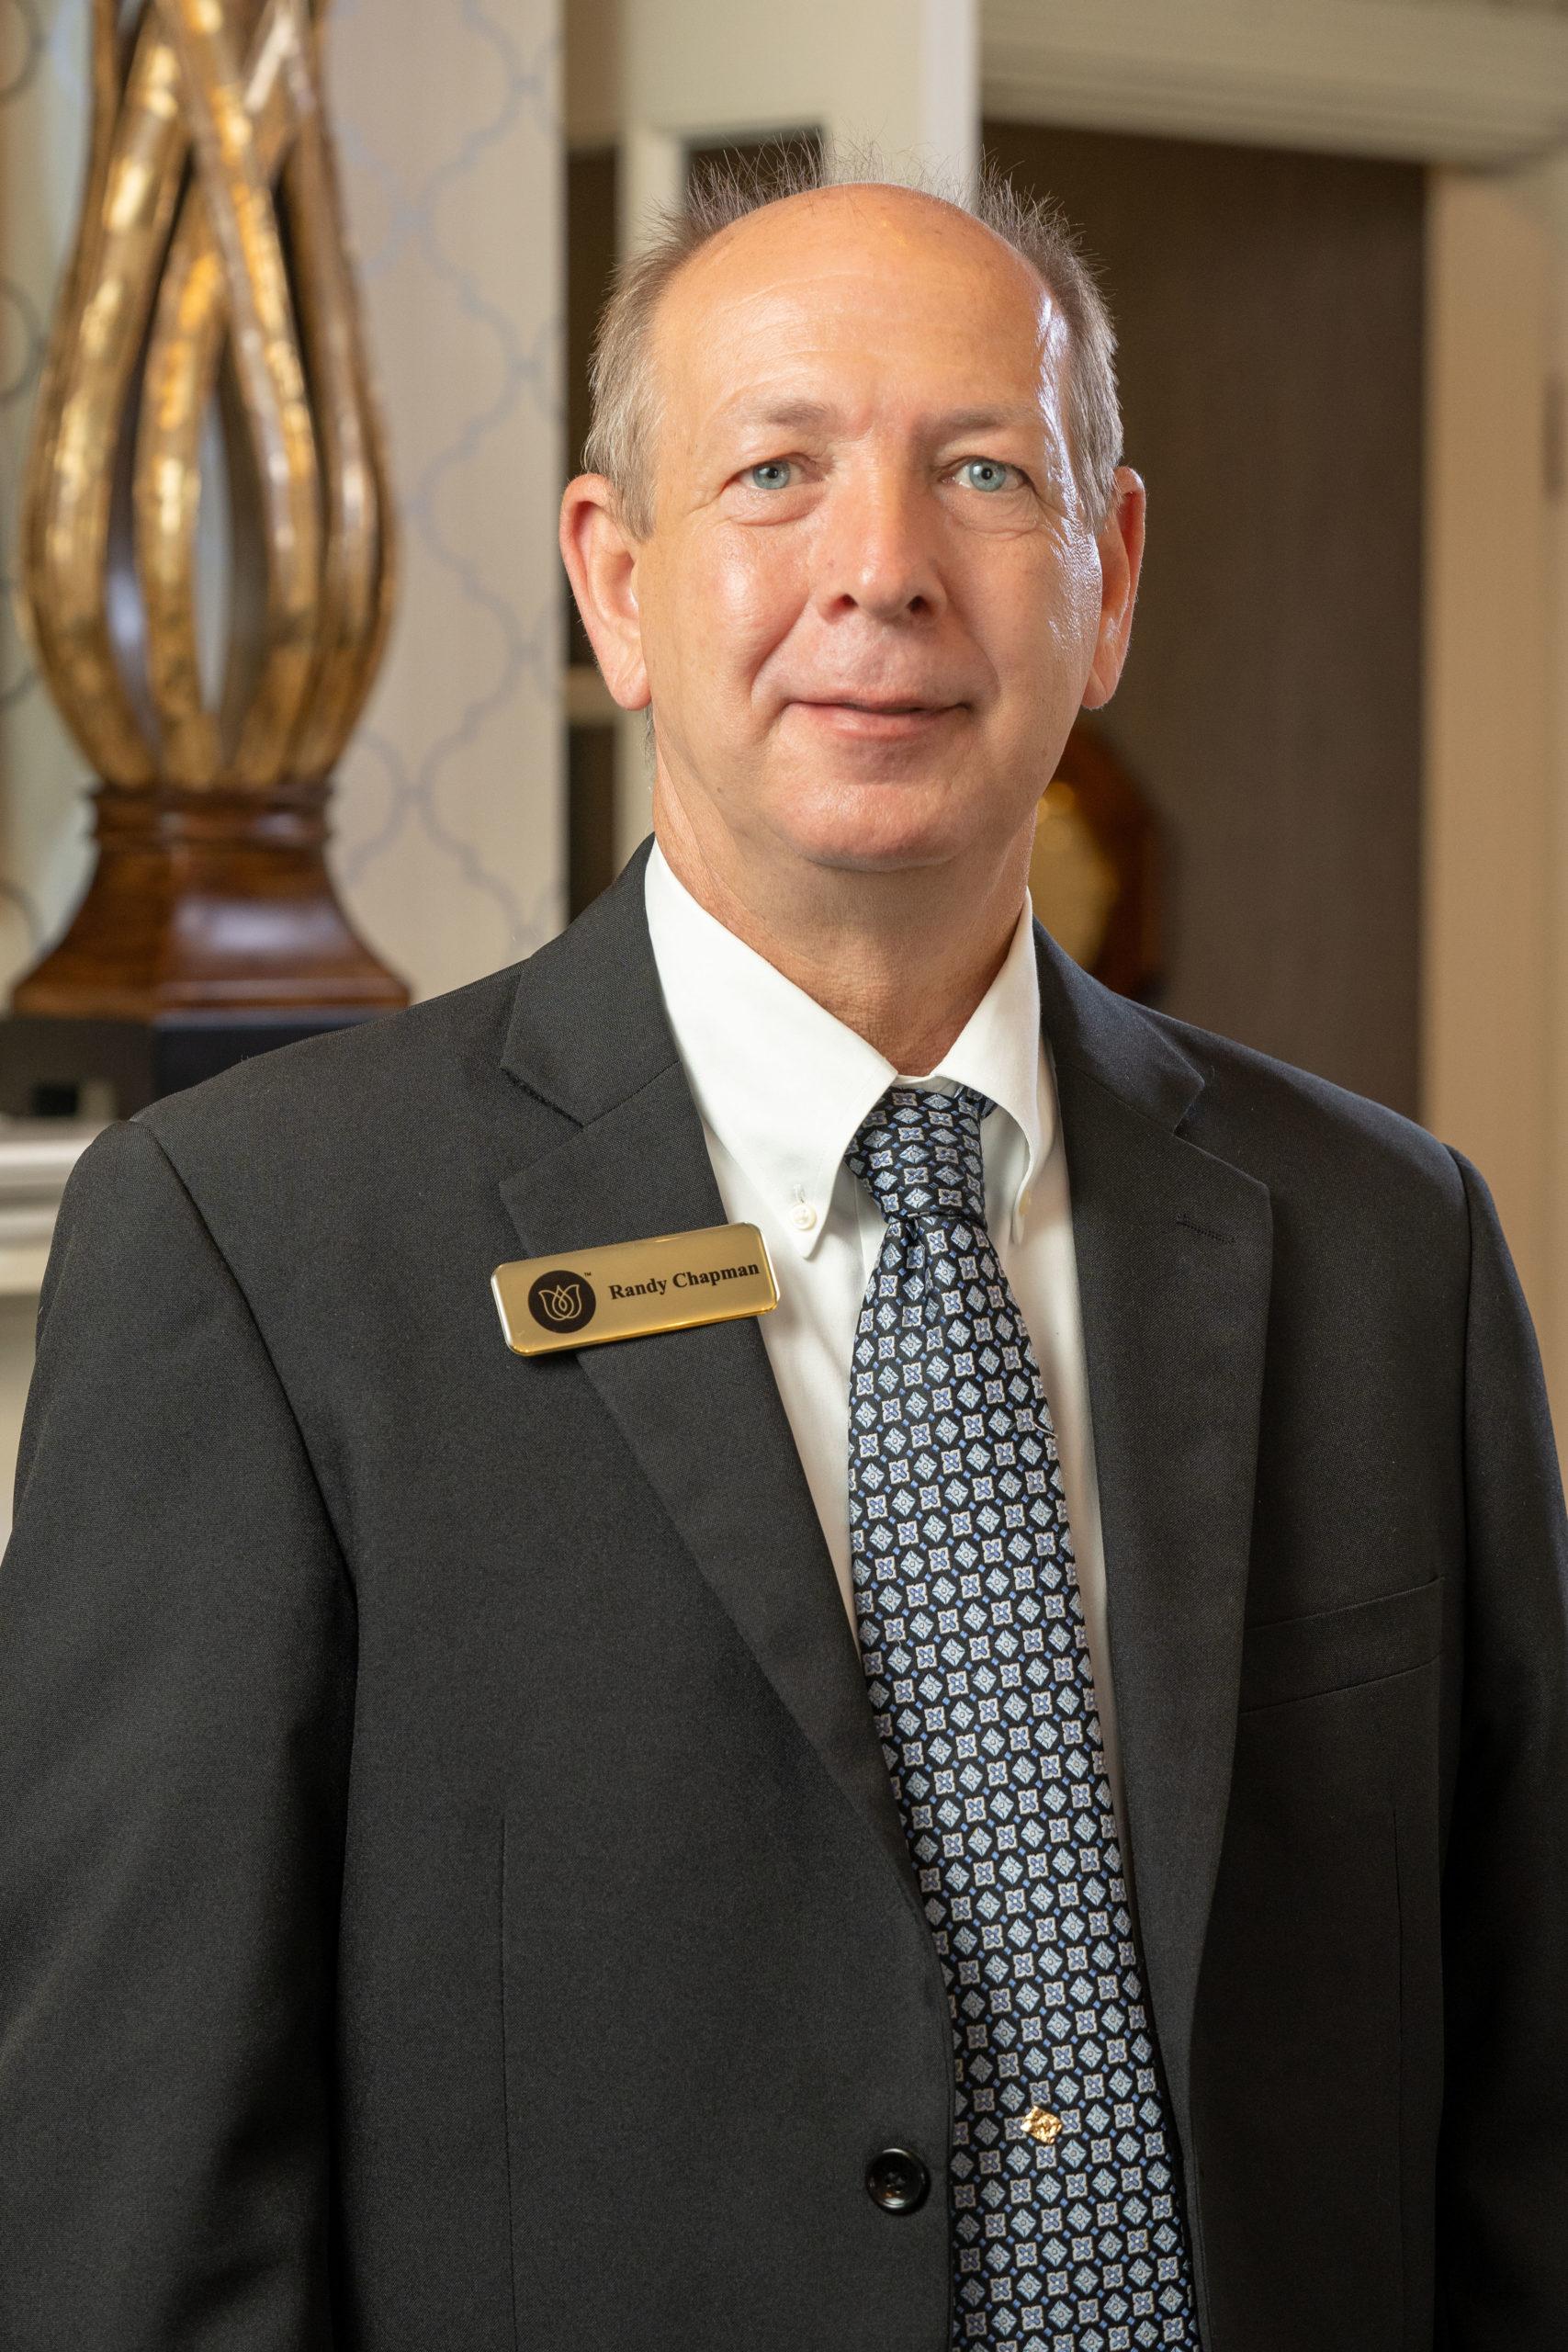 Randy Chapman : Apprentice Funeral Director